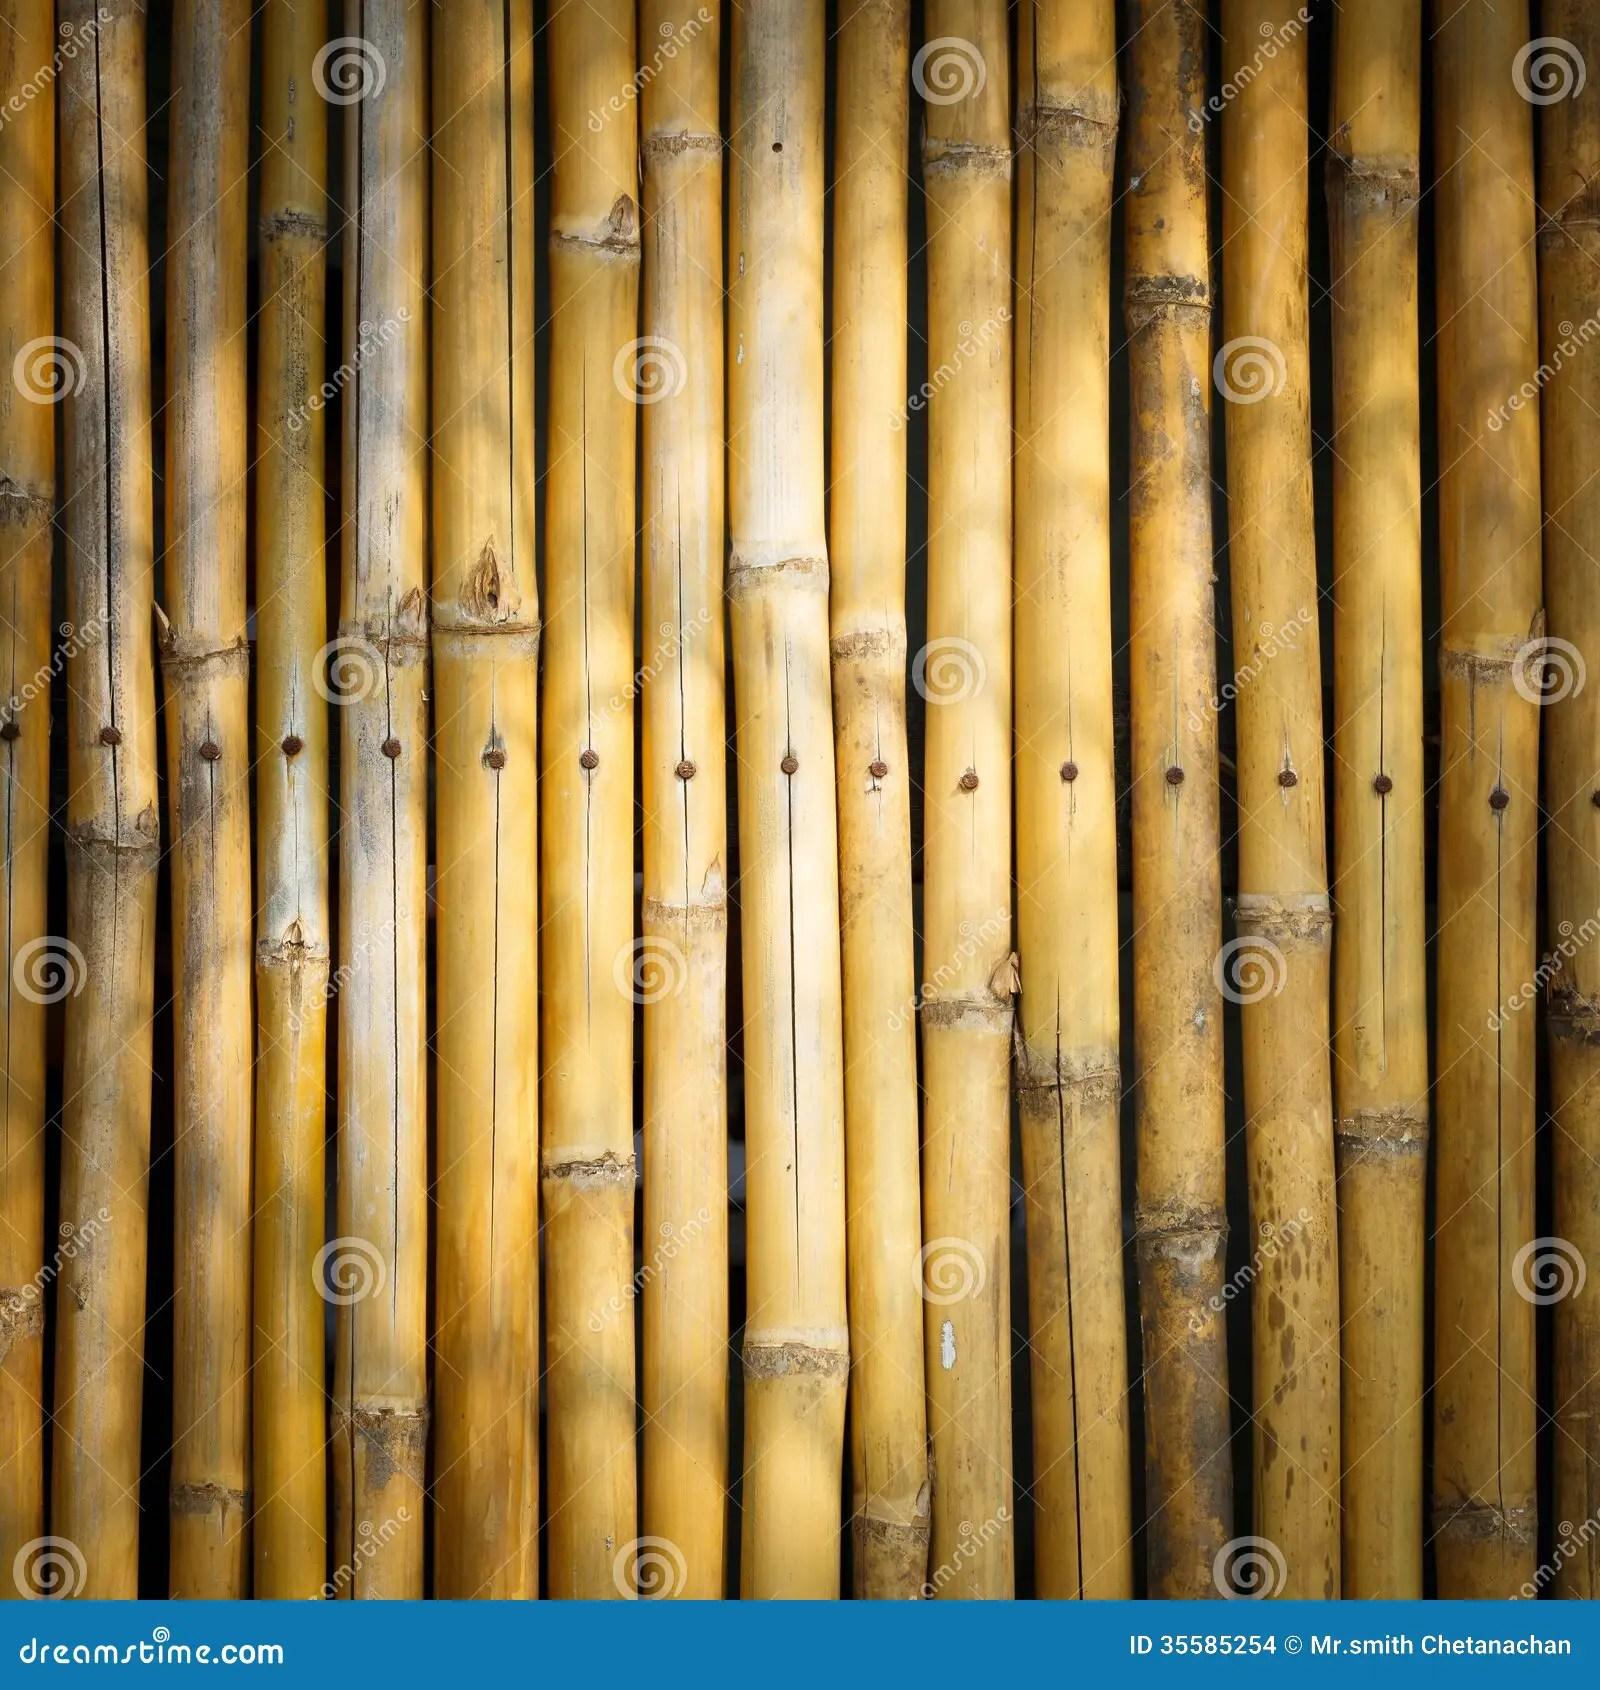 小插圖樣式竹棍子背景 庫存圖片 - 圖片: 35585254